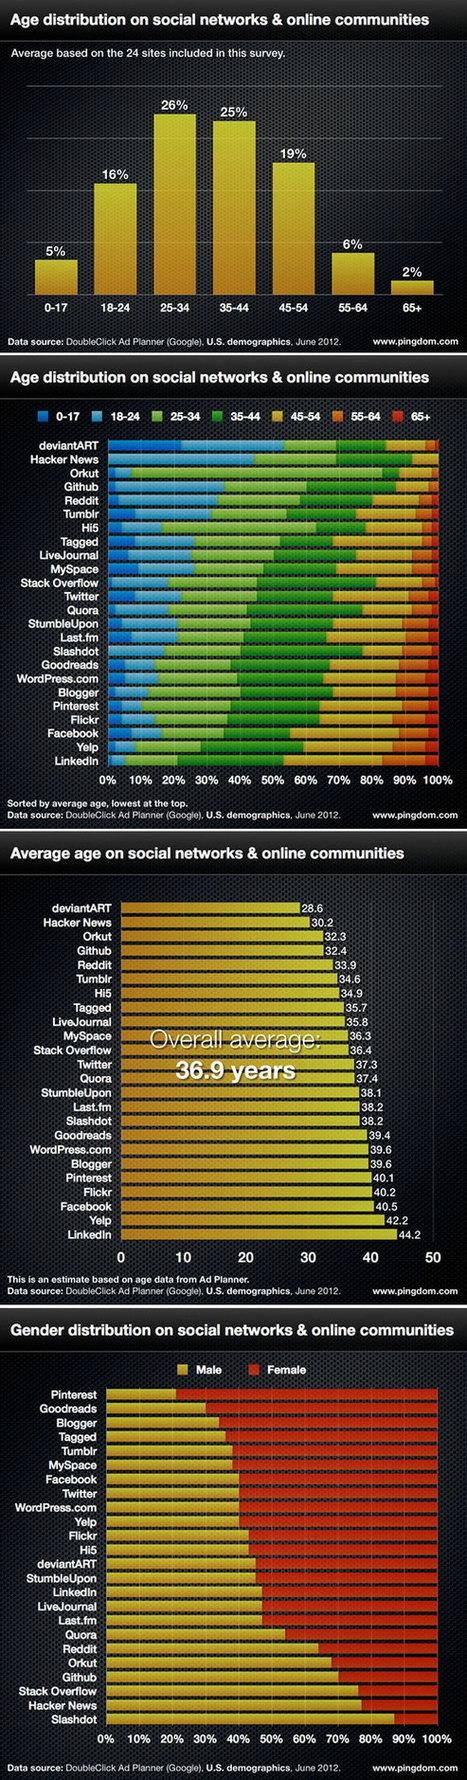 Demografía de las redes sociales en 2012 #infografia #infographic #socialmedia | juancarloscampos.net | Scoop.it